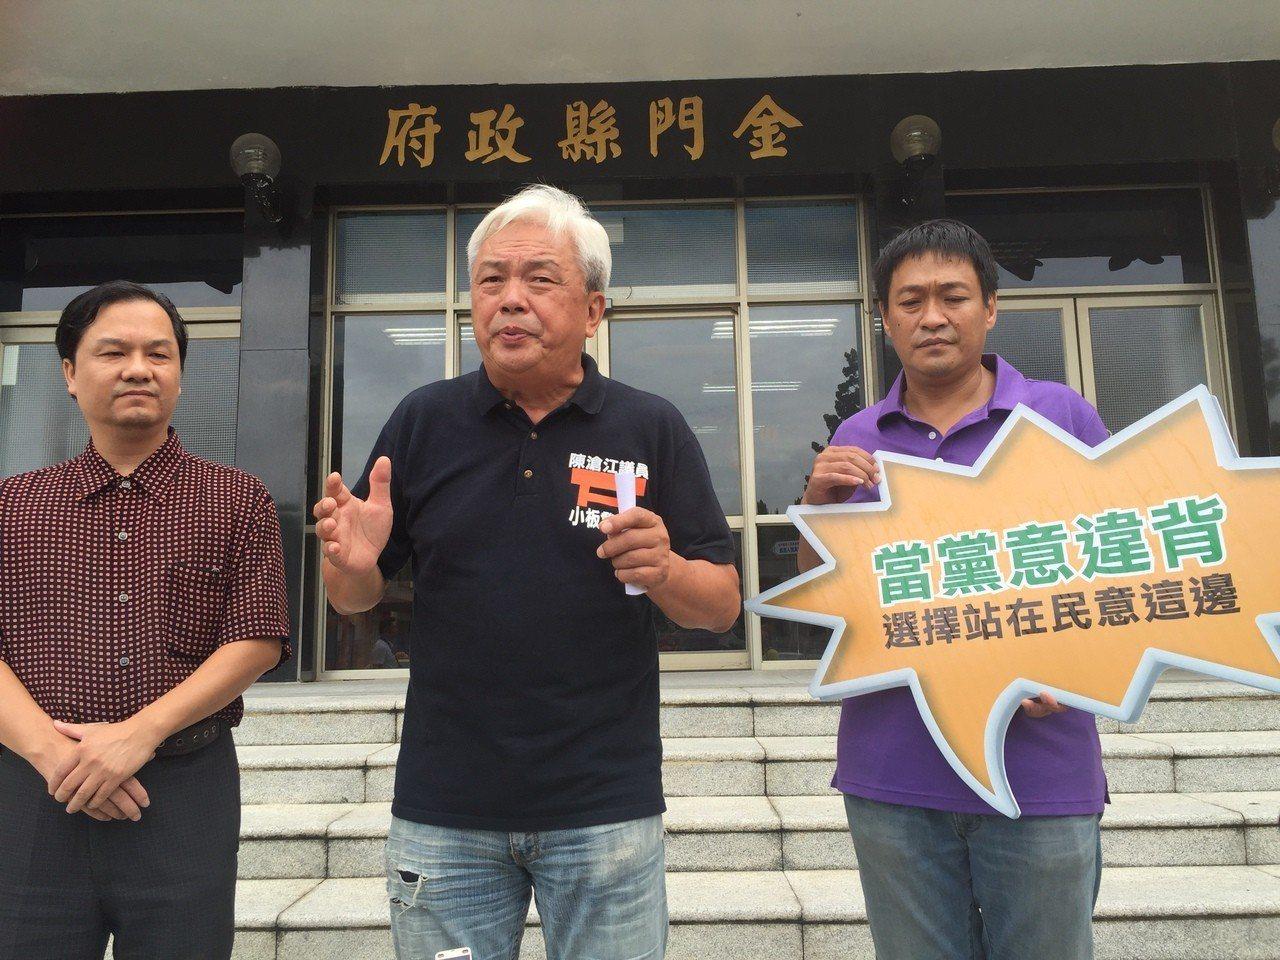 金門縣議員陳滄江今天宣布將「退黨」,並退出此次縣長選舉。記者蔡家蓁/攝影